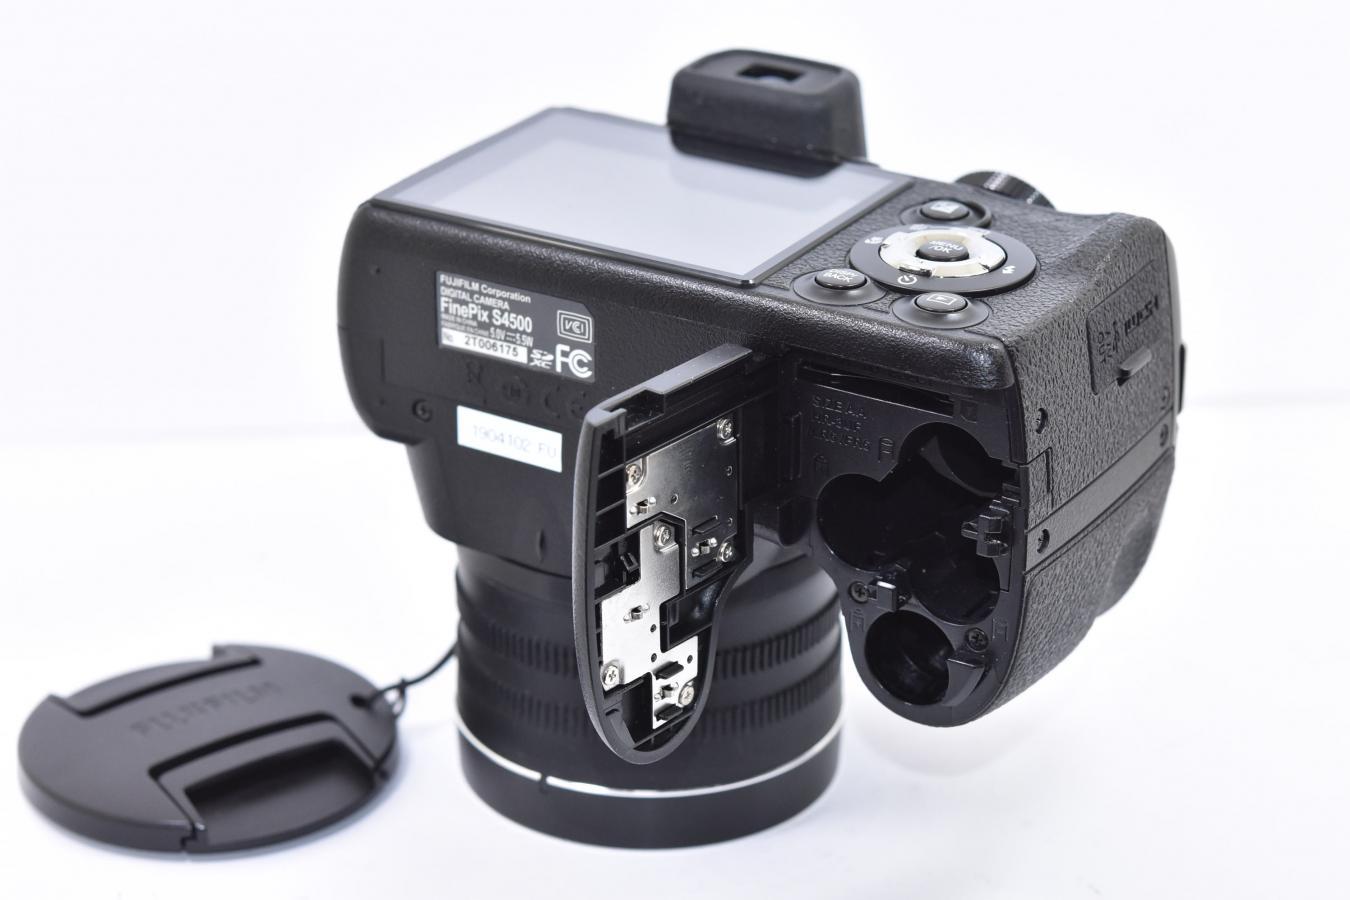 【通信販売限定商品】 FUJIFILM FinePix S4500 【単3電池仕様】